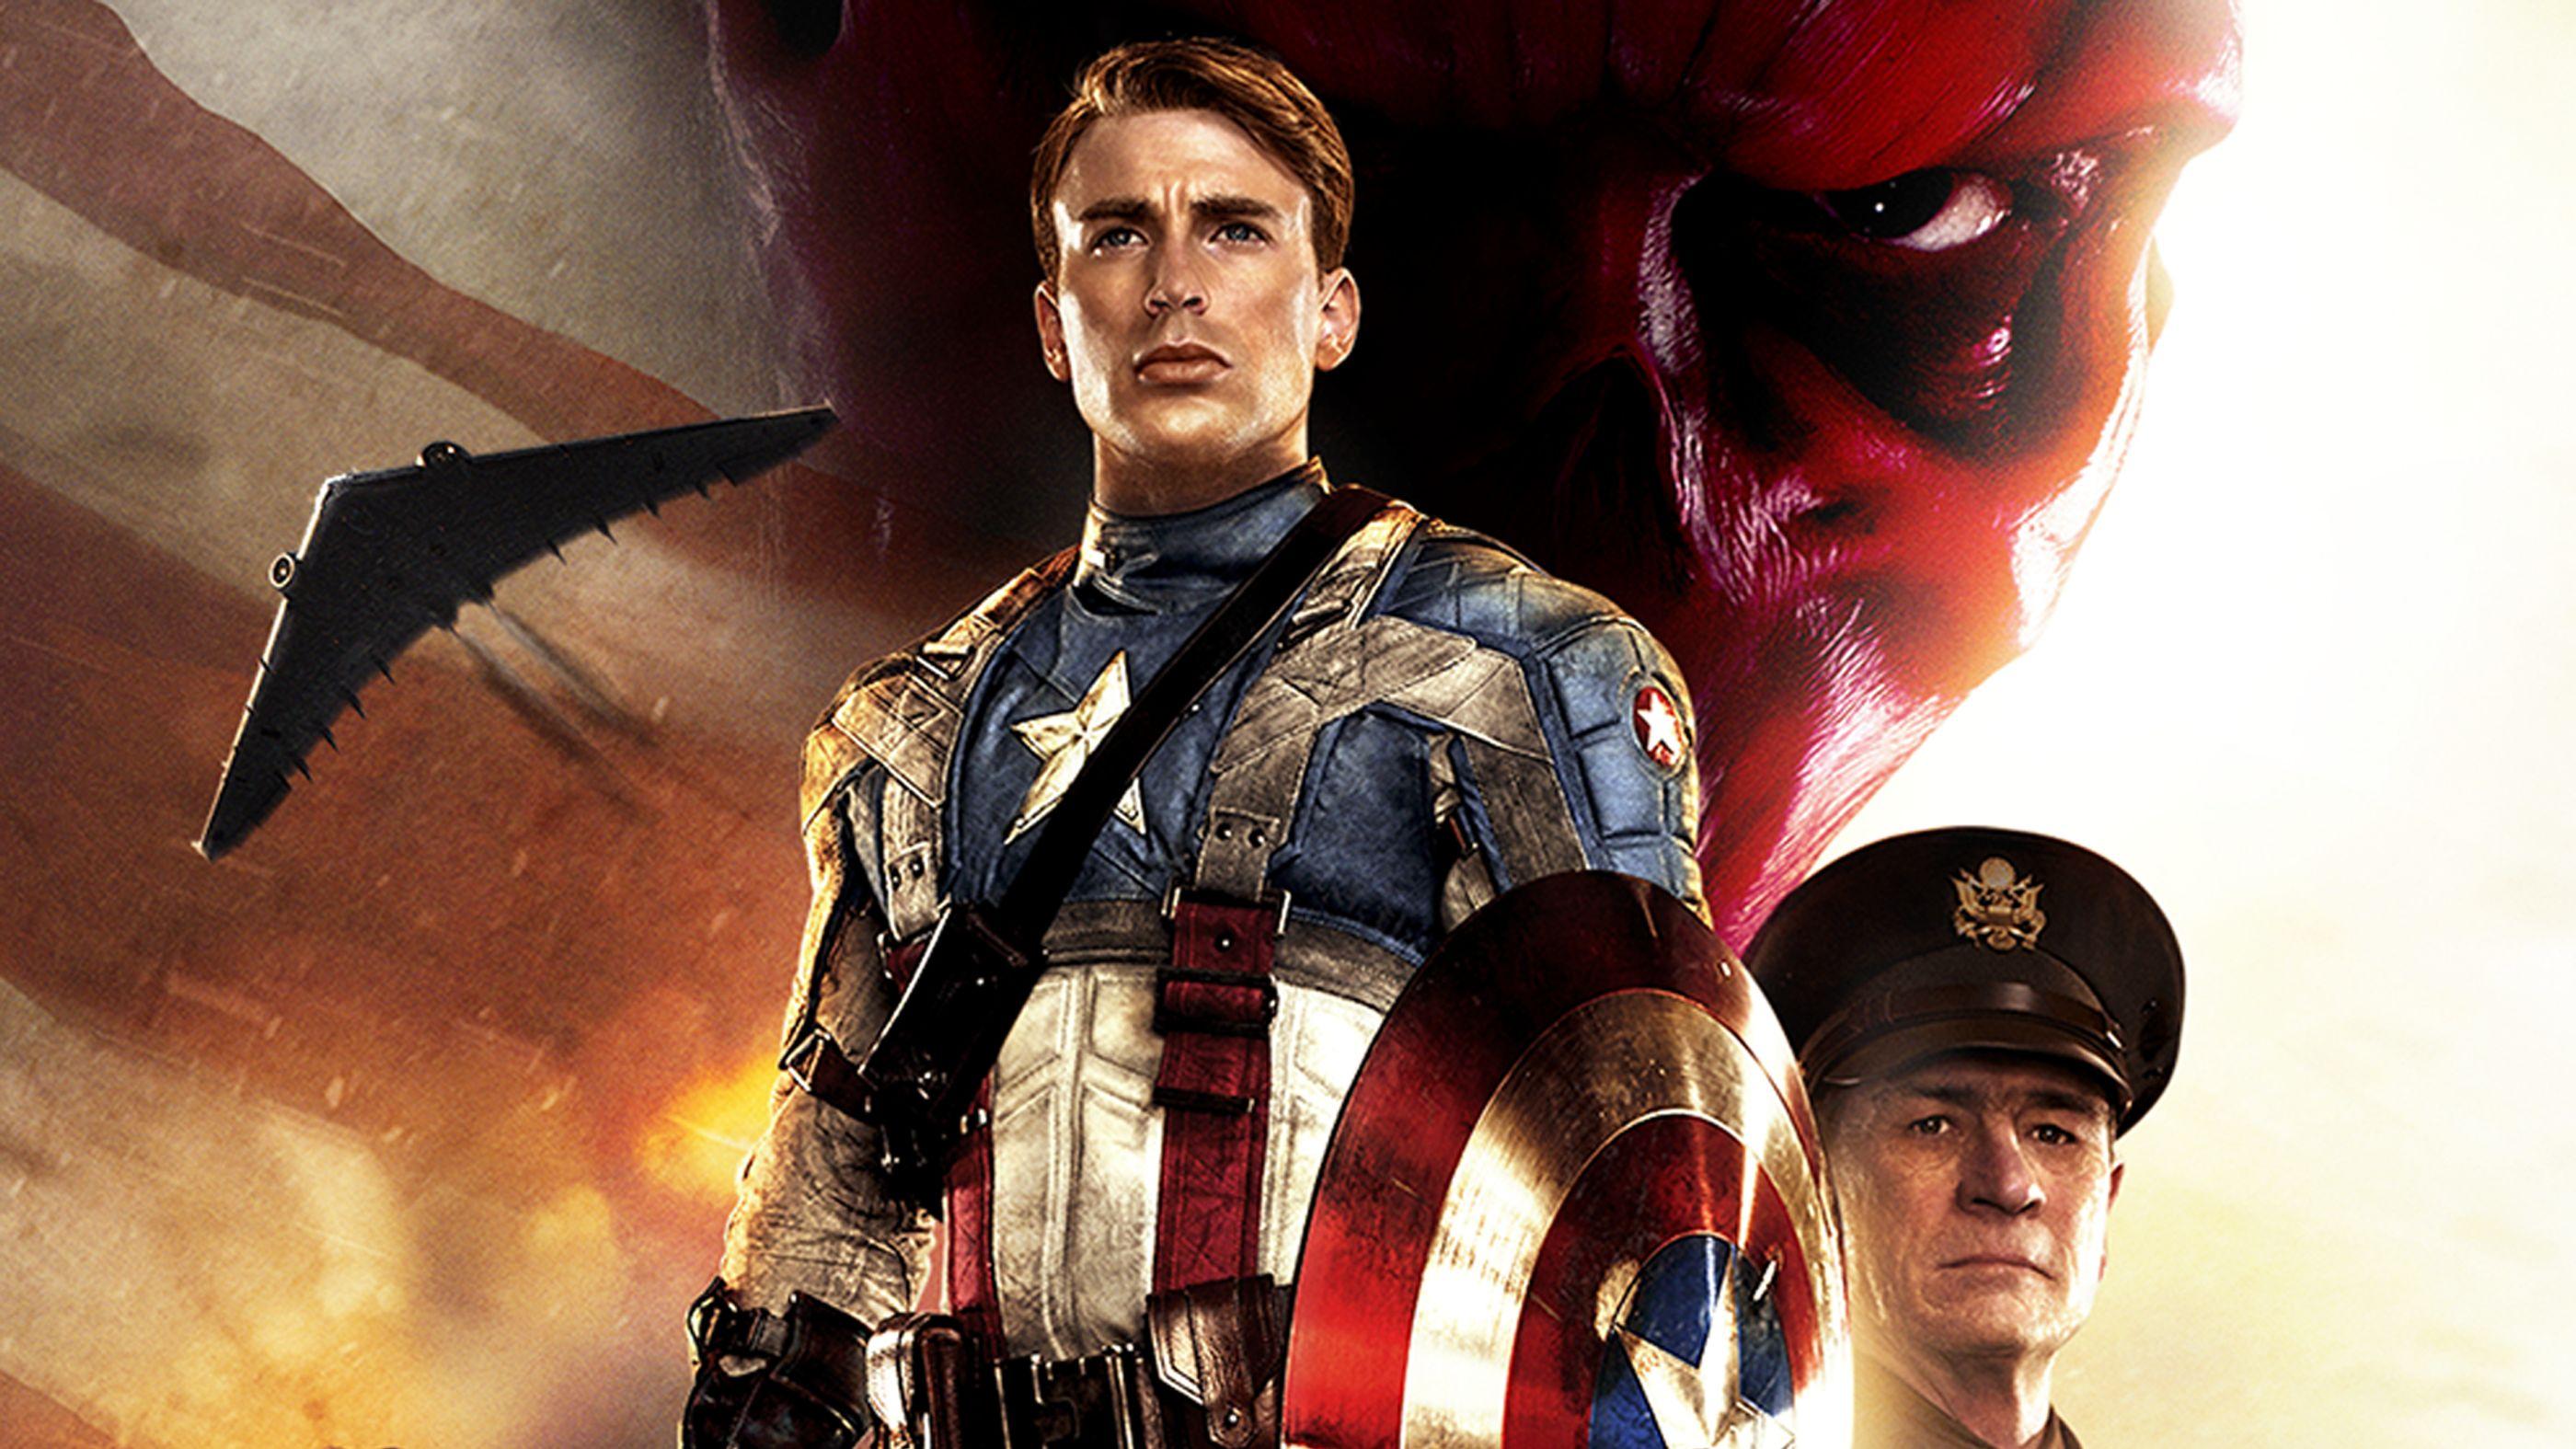 Marvel Studios' Captain America The First Avenger Trailer